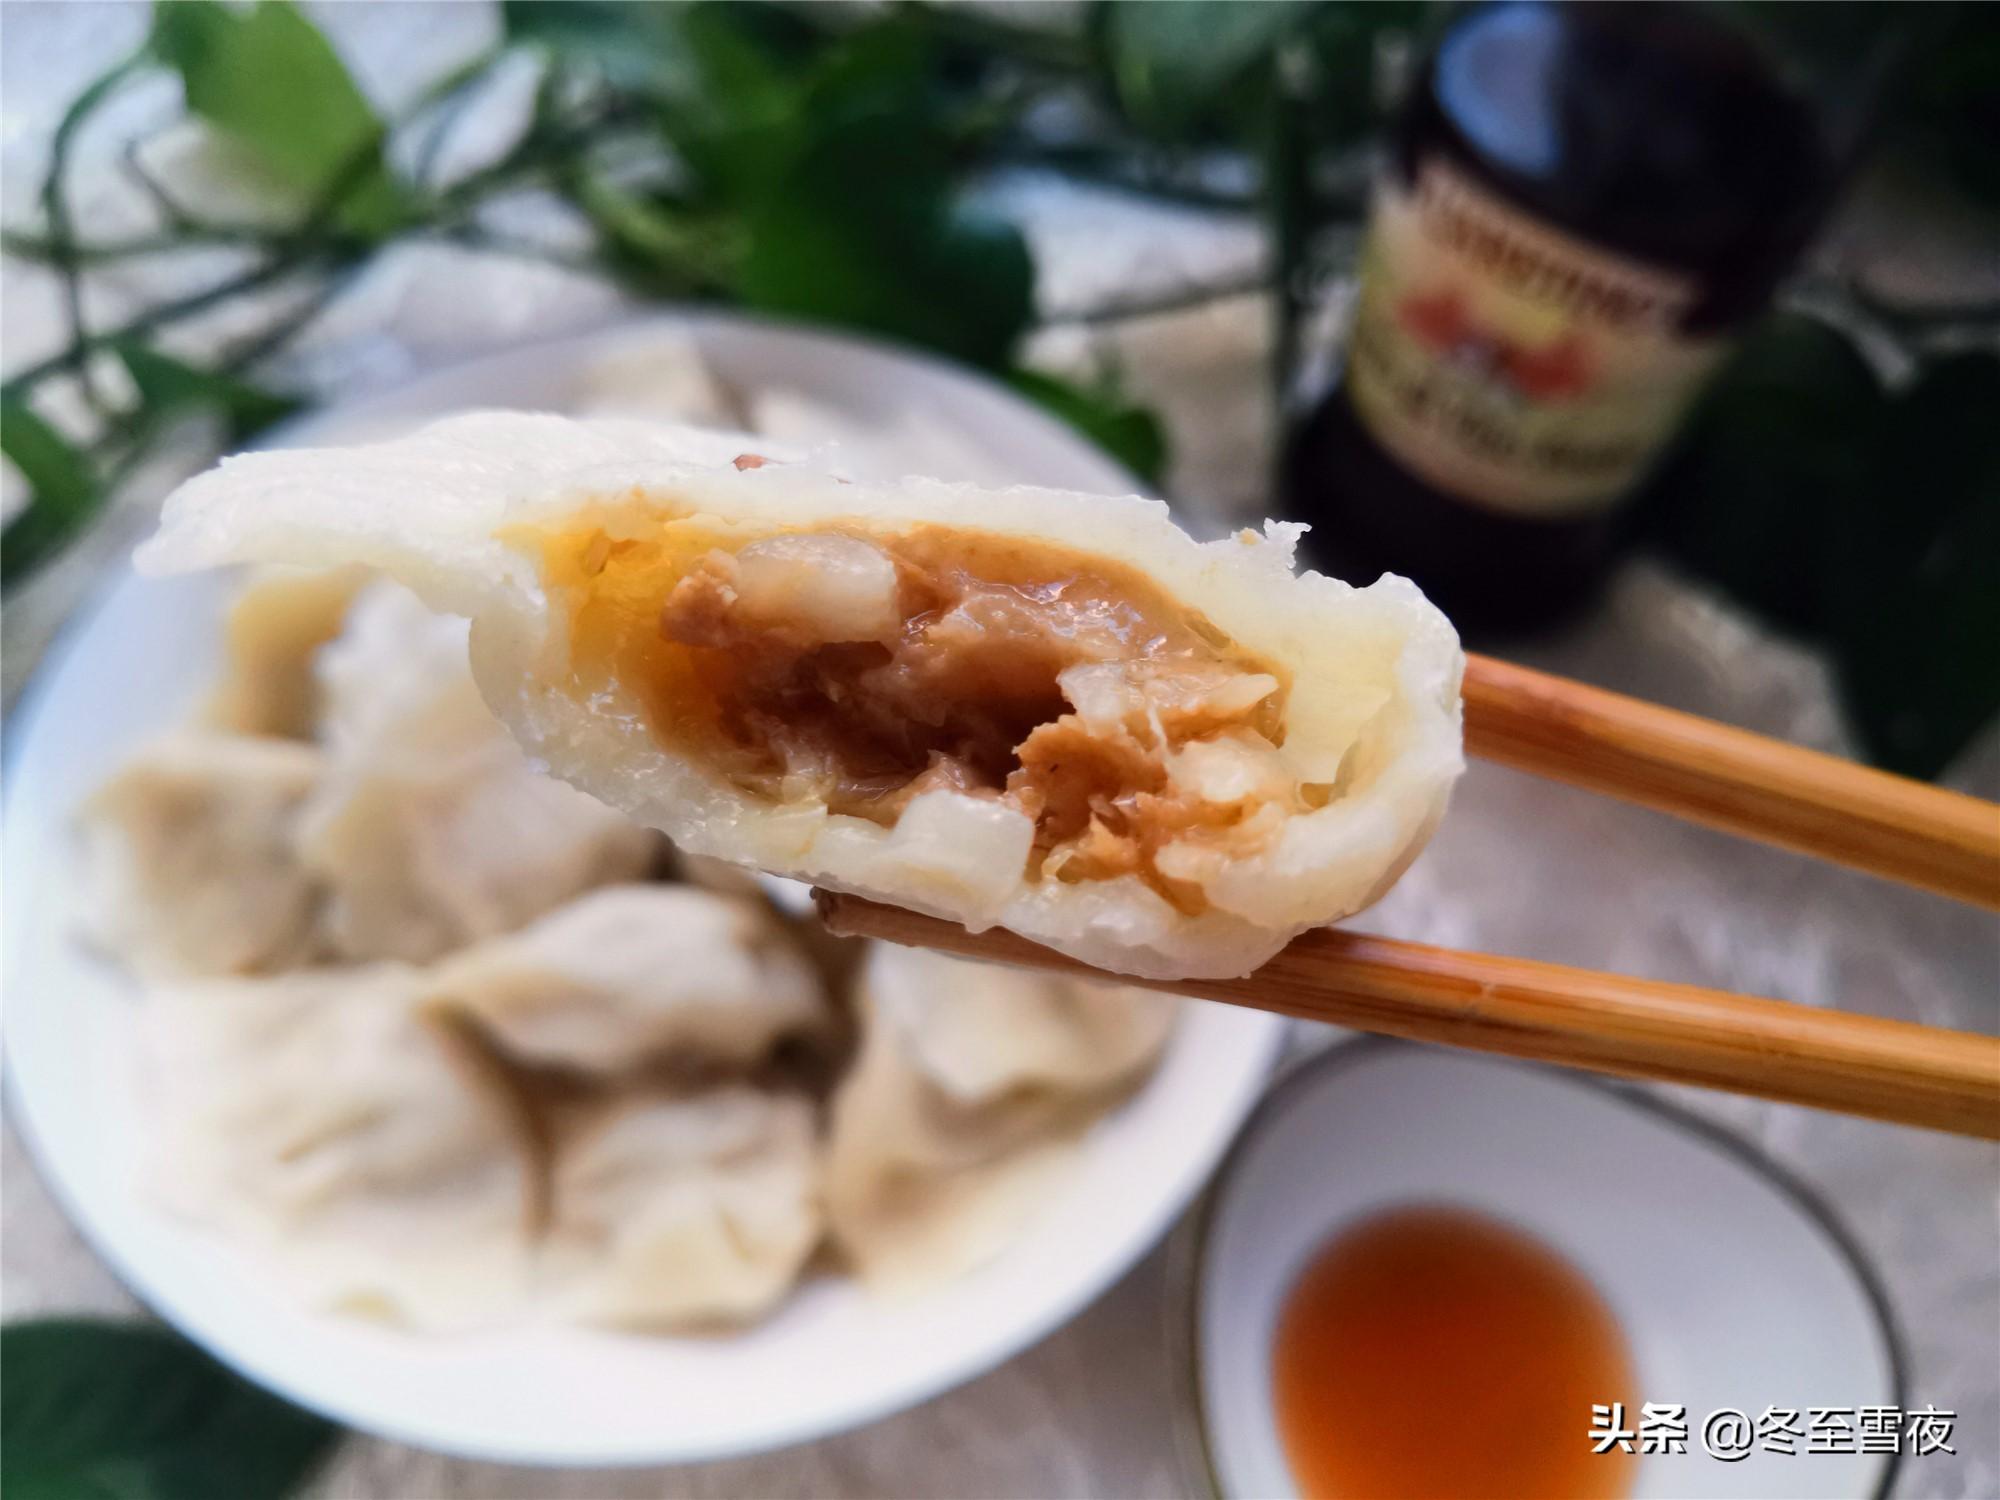 23道东北家常菜,吃了几十年都不腻,东北人都不一定全吃过 东北菜谱 第22张